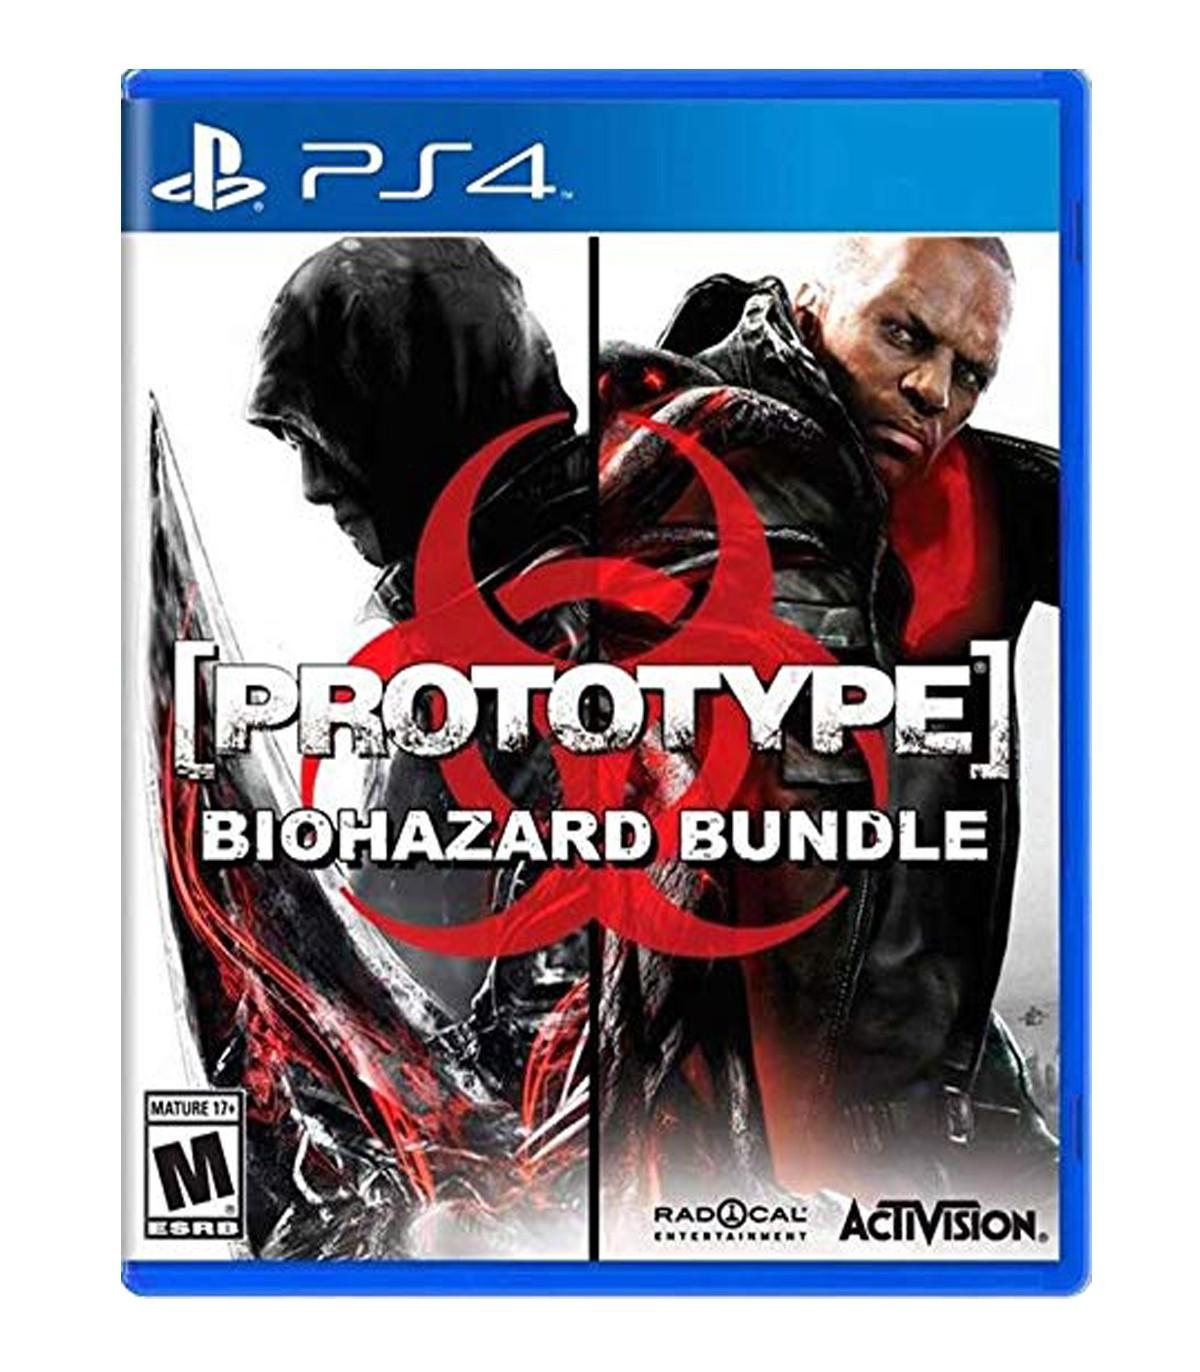 بازی Prototype: Biohazard Bundle - پلی استیشن 4